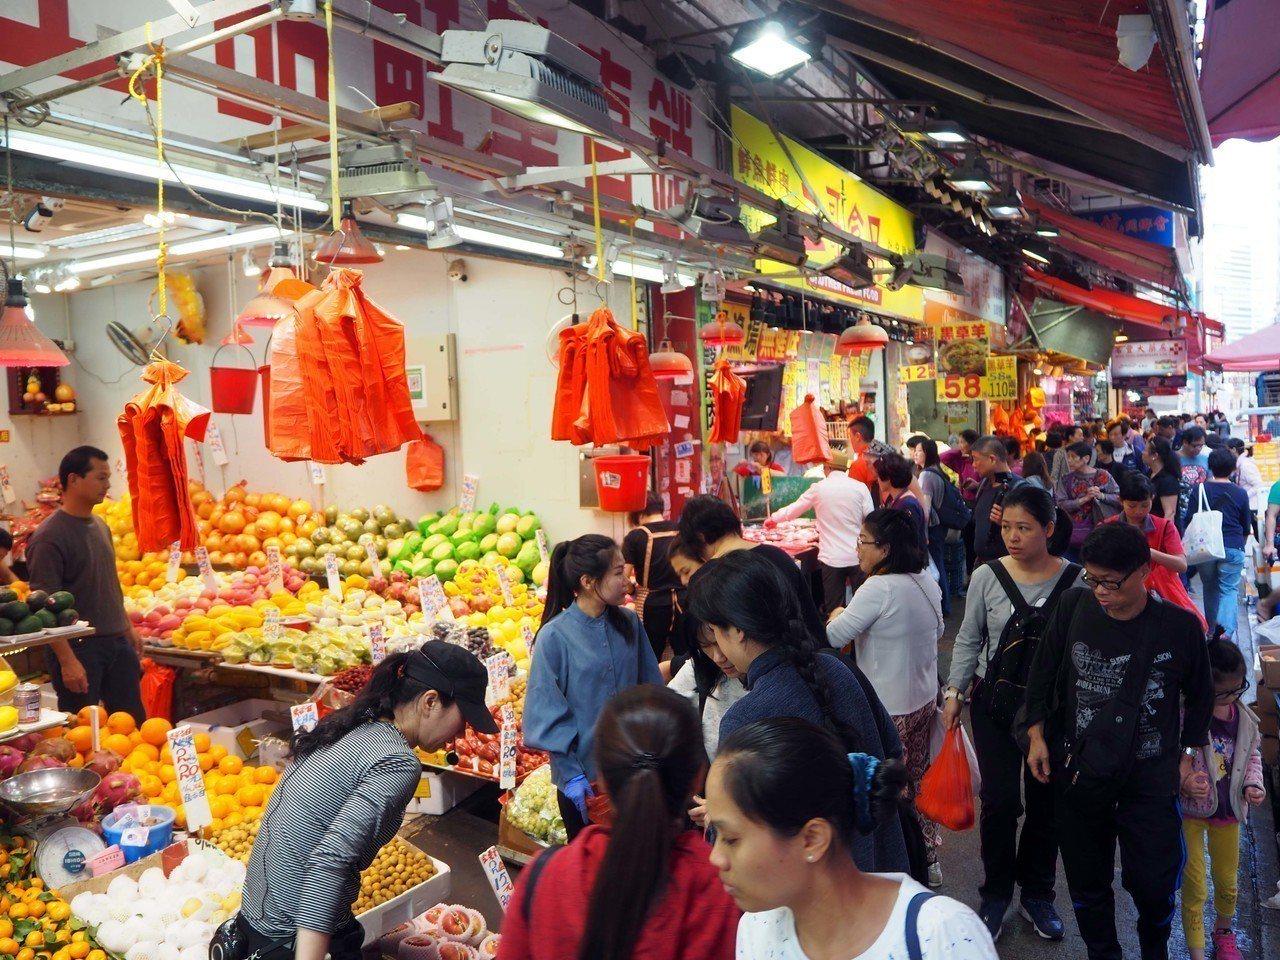 港政黨投訴香港部分地區陸客過多。中通社